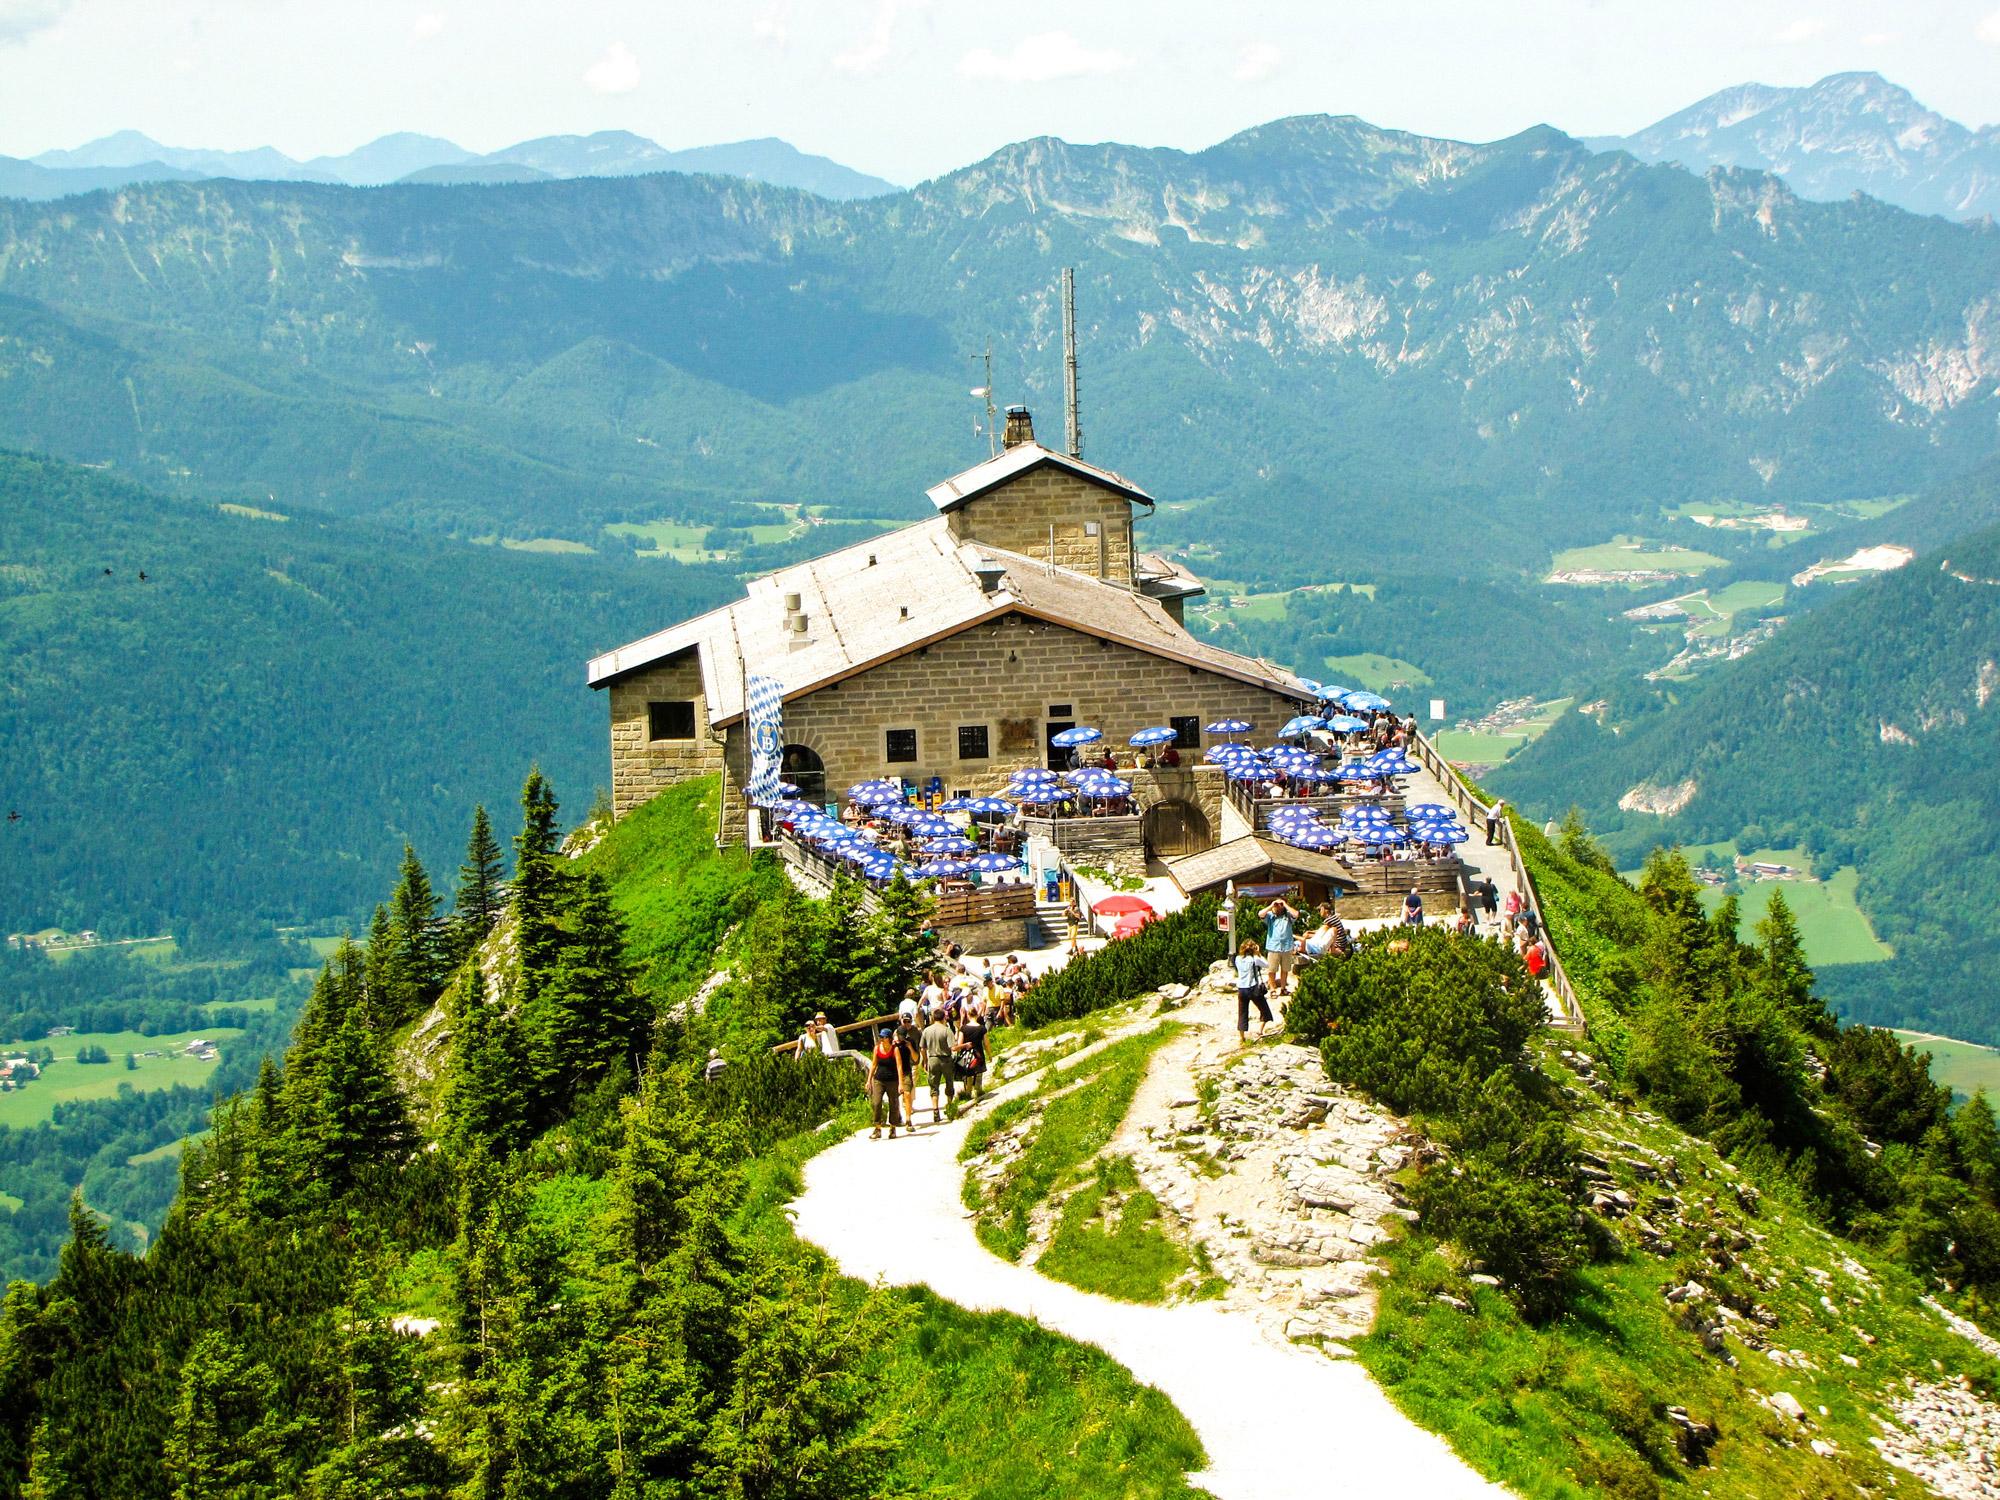 Op mijn wishlist: Berchtesgadener Land